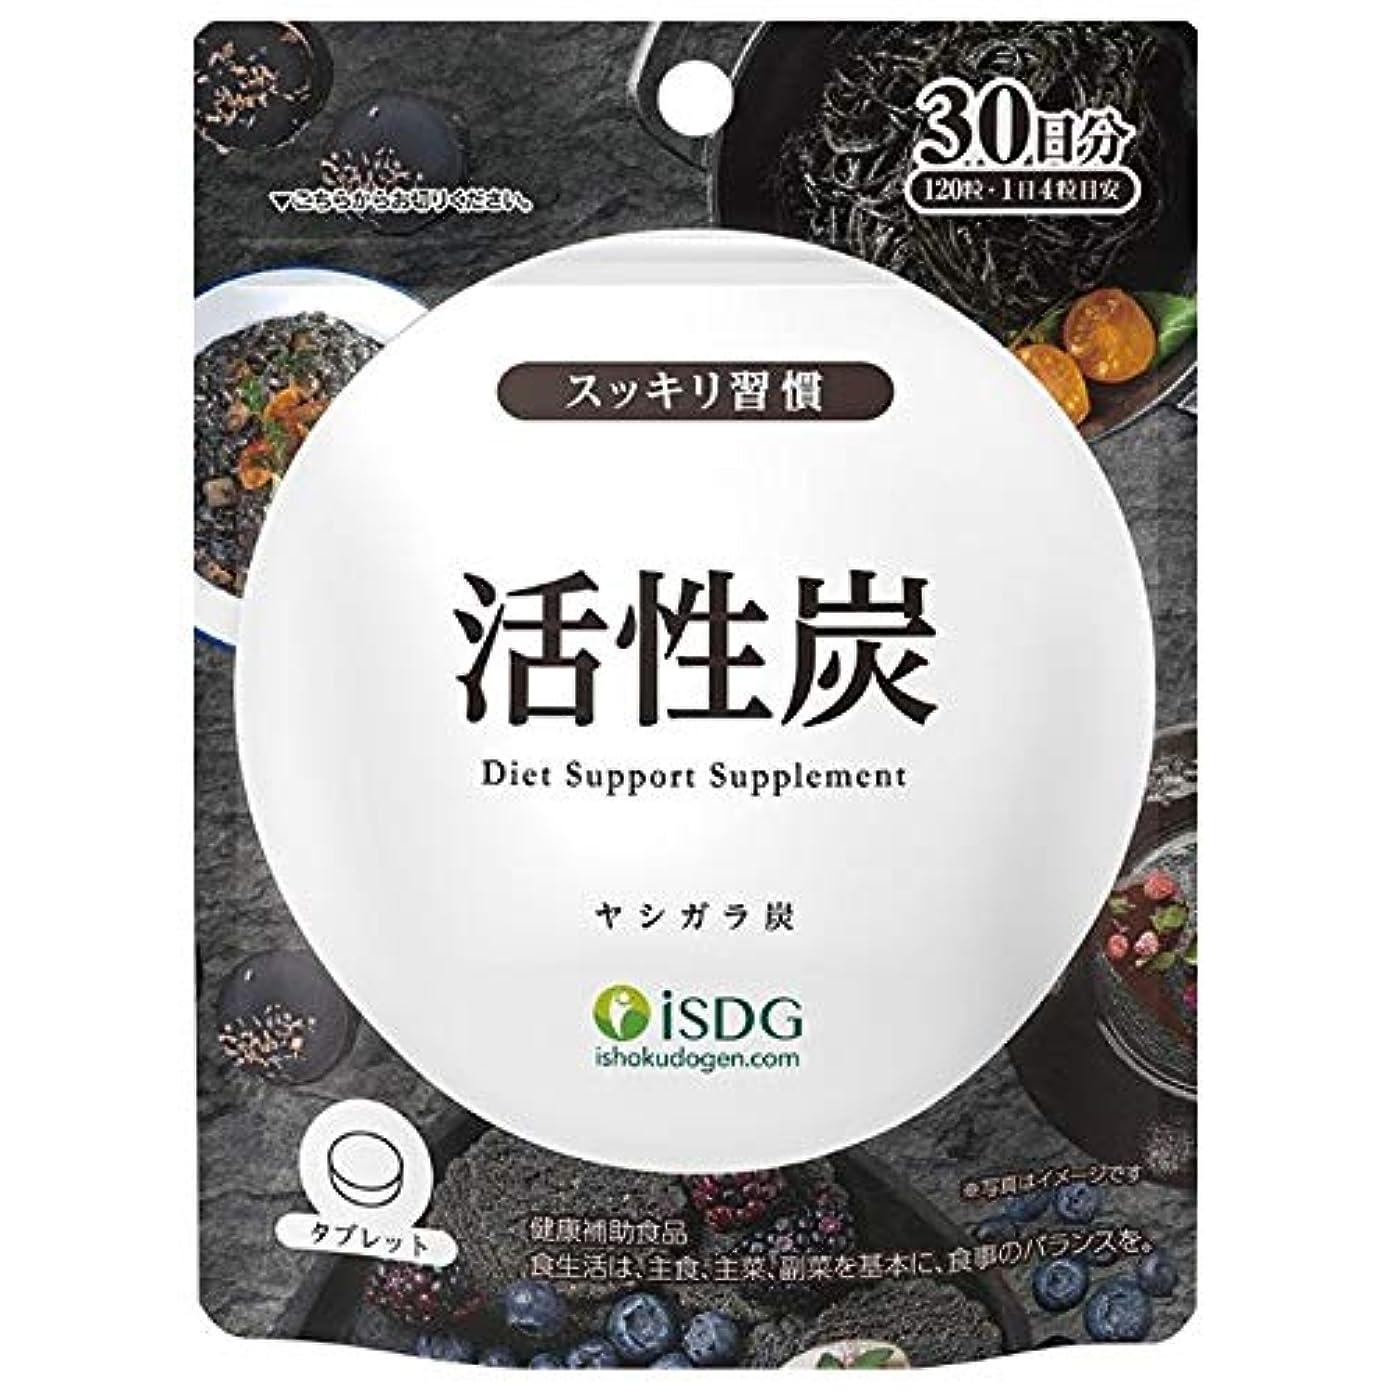 ルーヒロイック換気するISDG 医食同源ドットコム 活性炭 [ヤシガラ炭 400mg配合/4粒] 120粒 30日分